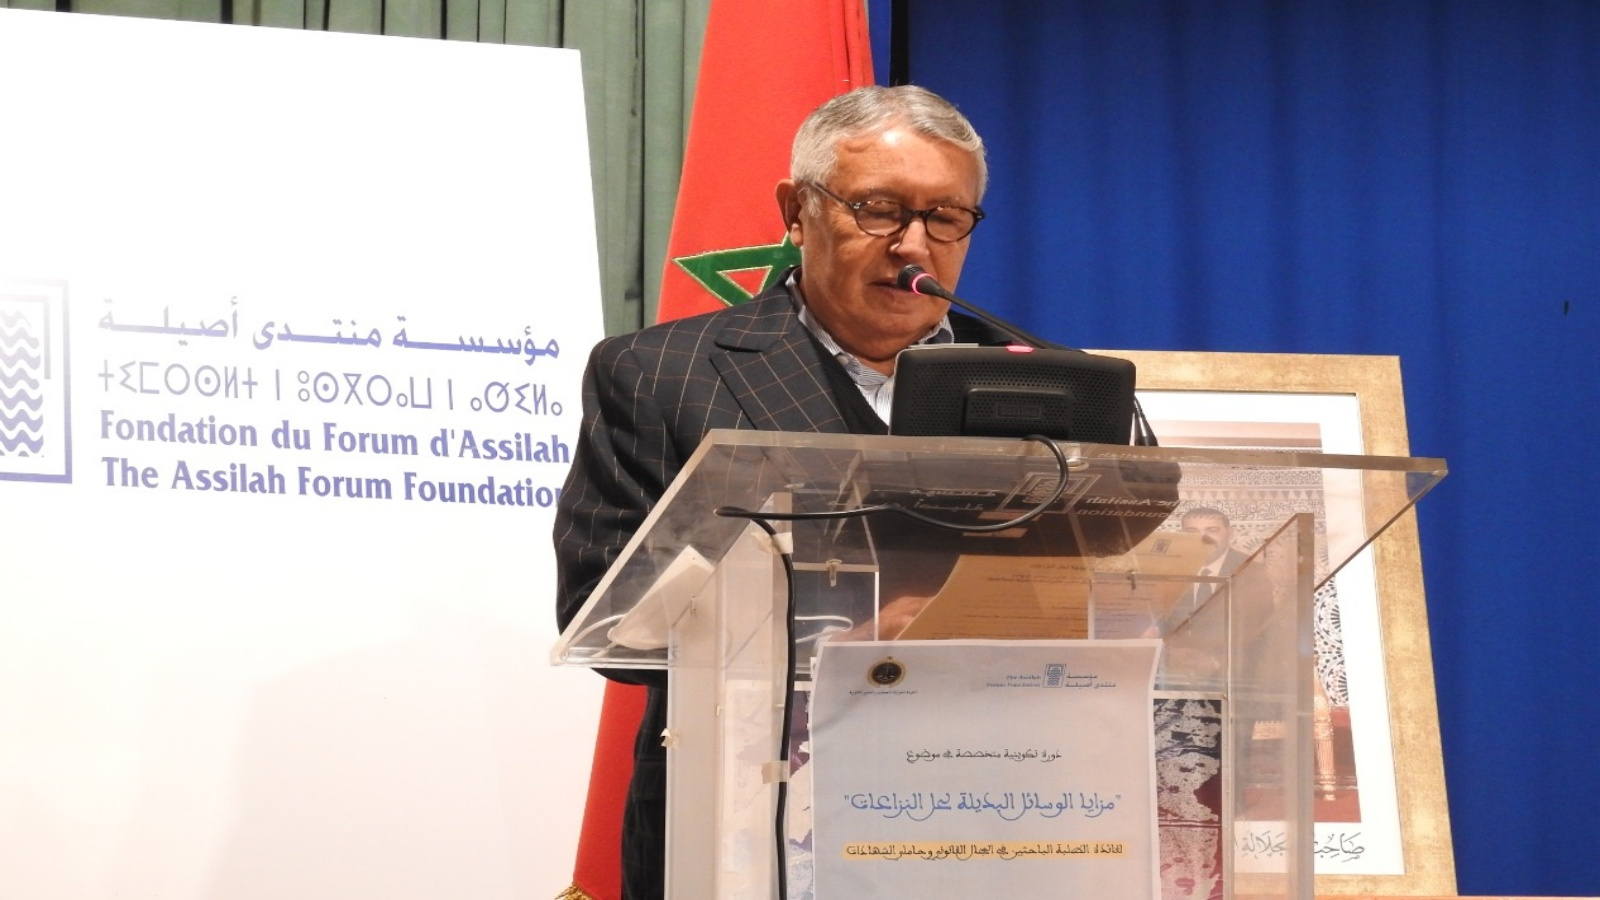 محمد بن عيسى، امين عام مؤسسة منتدى اصيلة، يلقي كلمة افتتاحية في الدورة التكوينية